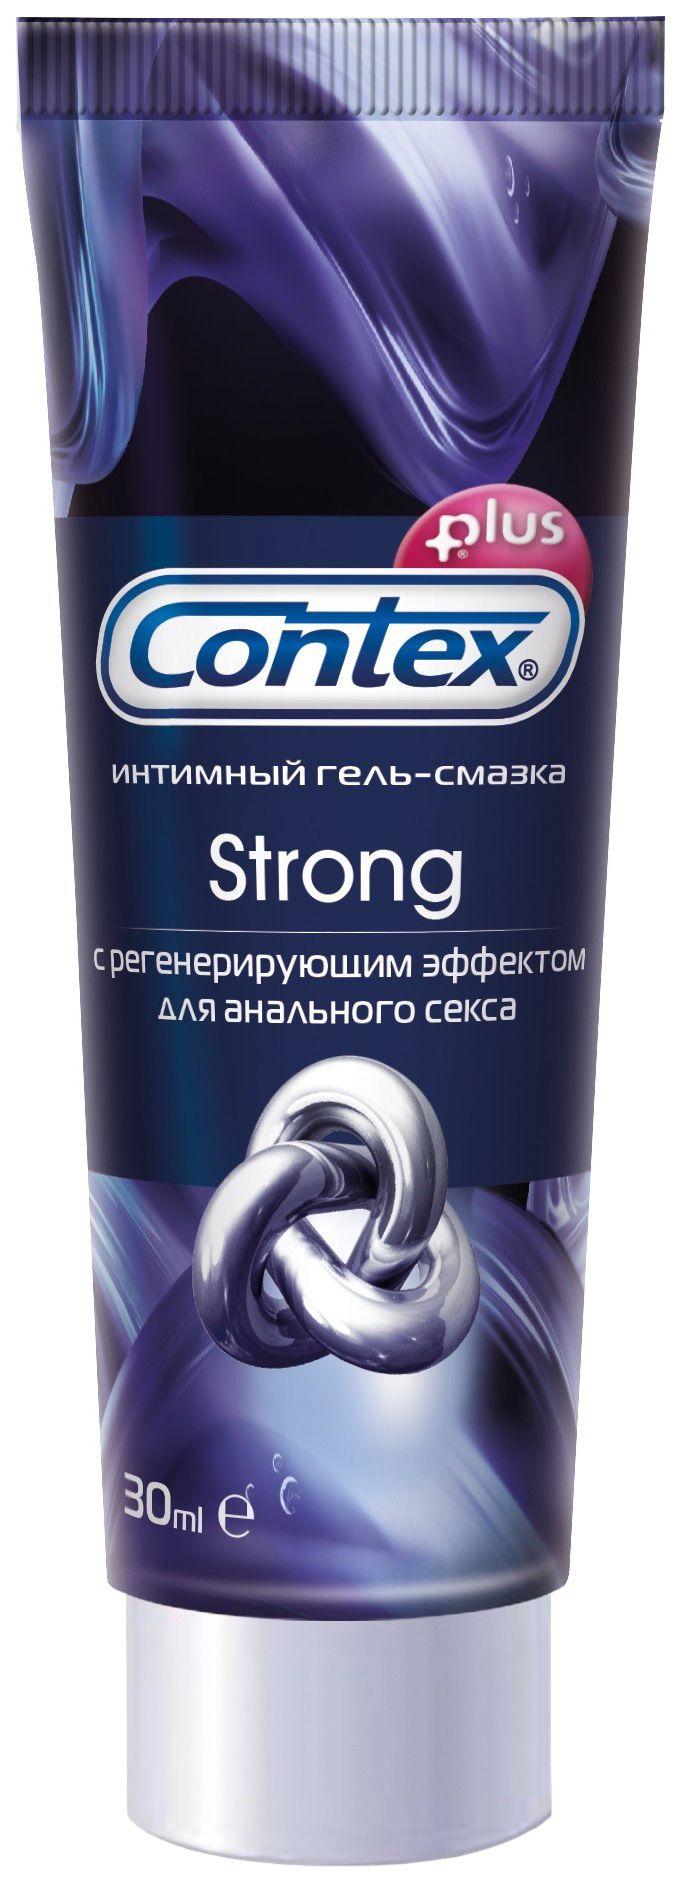 Гель-смазка Contex Strong, гель, с регенерирующим эффектом, 30 мл, 1 шт.